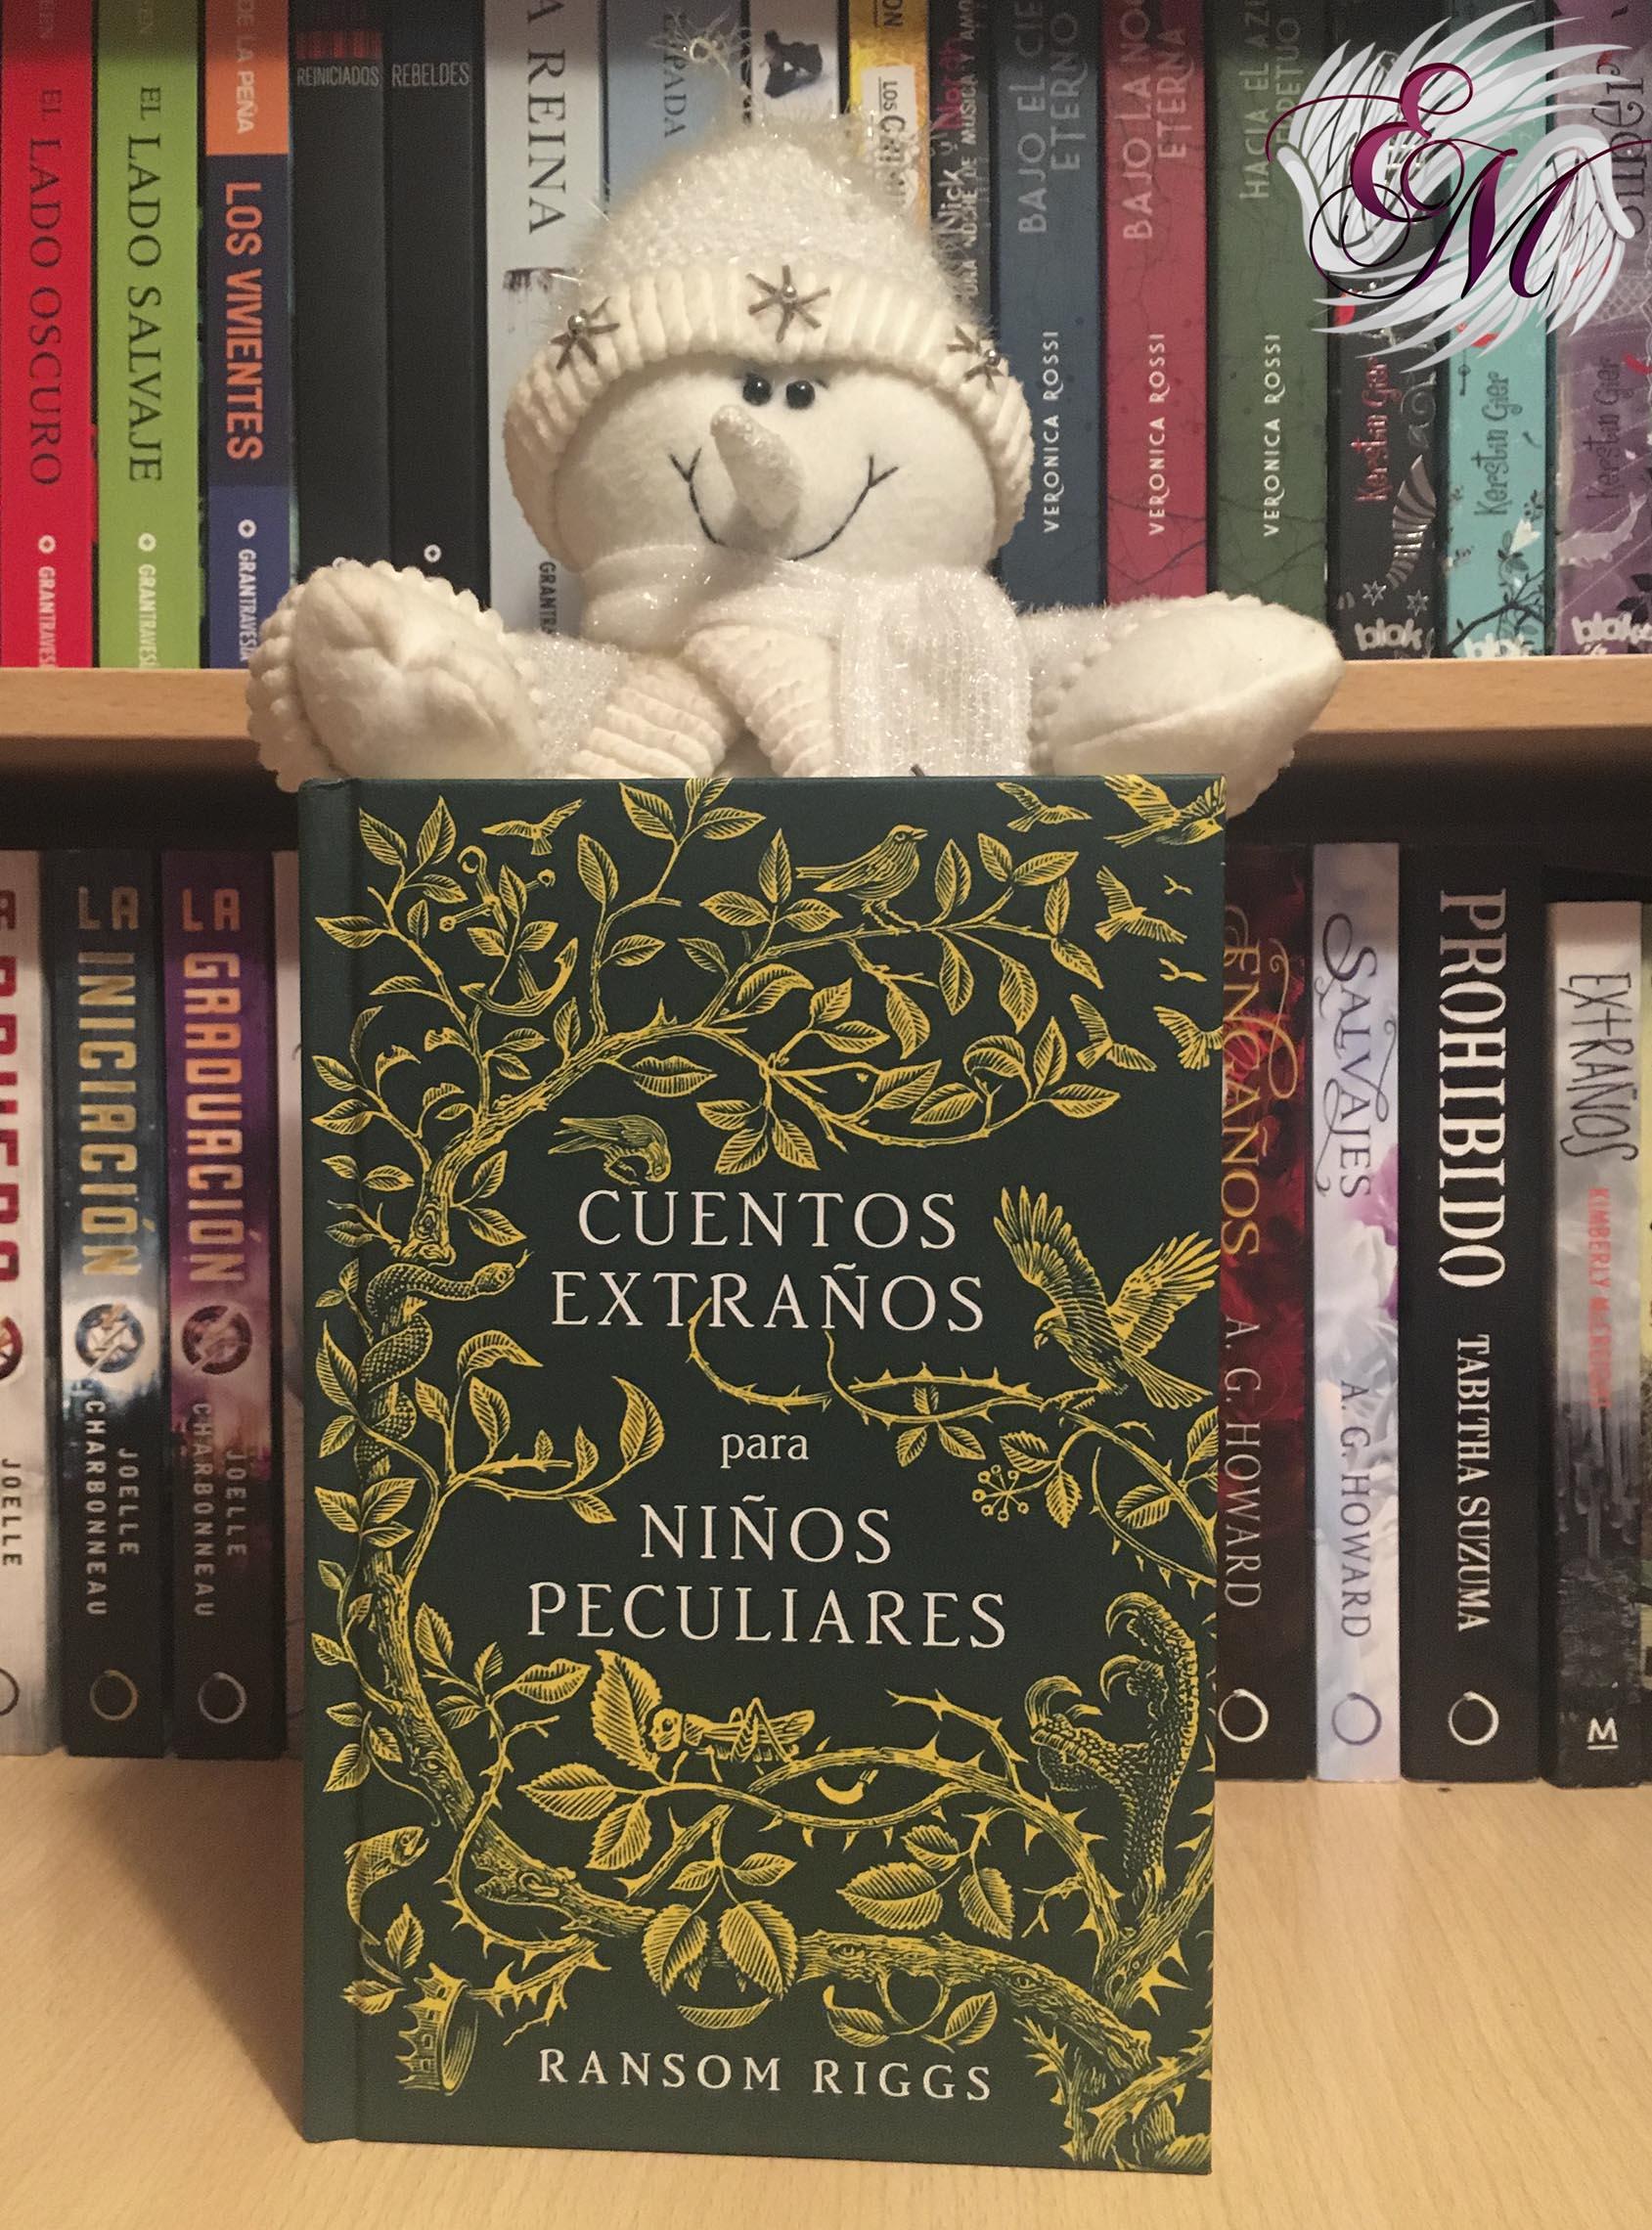 Cuentos extraños para niños peculiares, de Ransom Riggs - Reseña